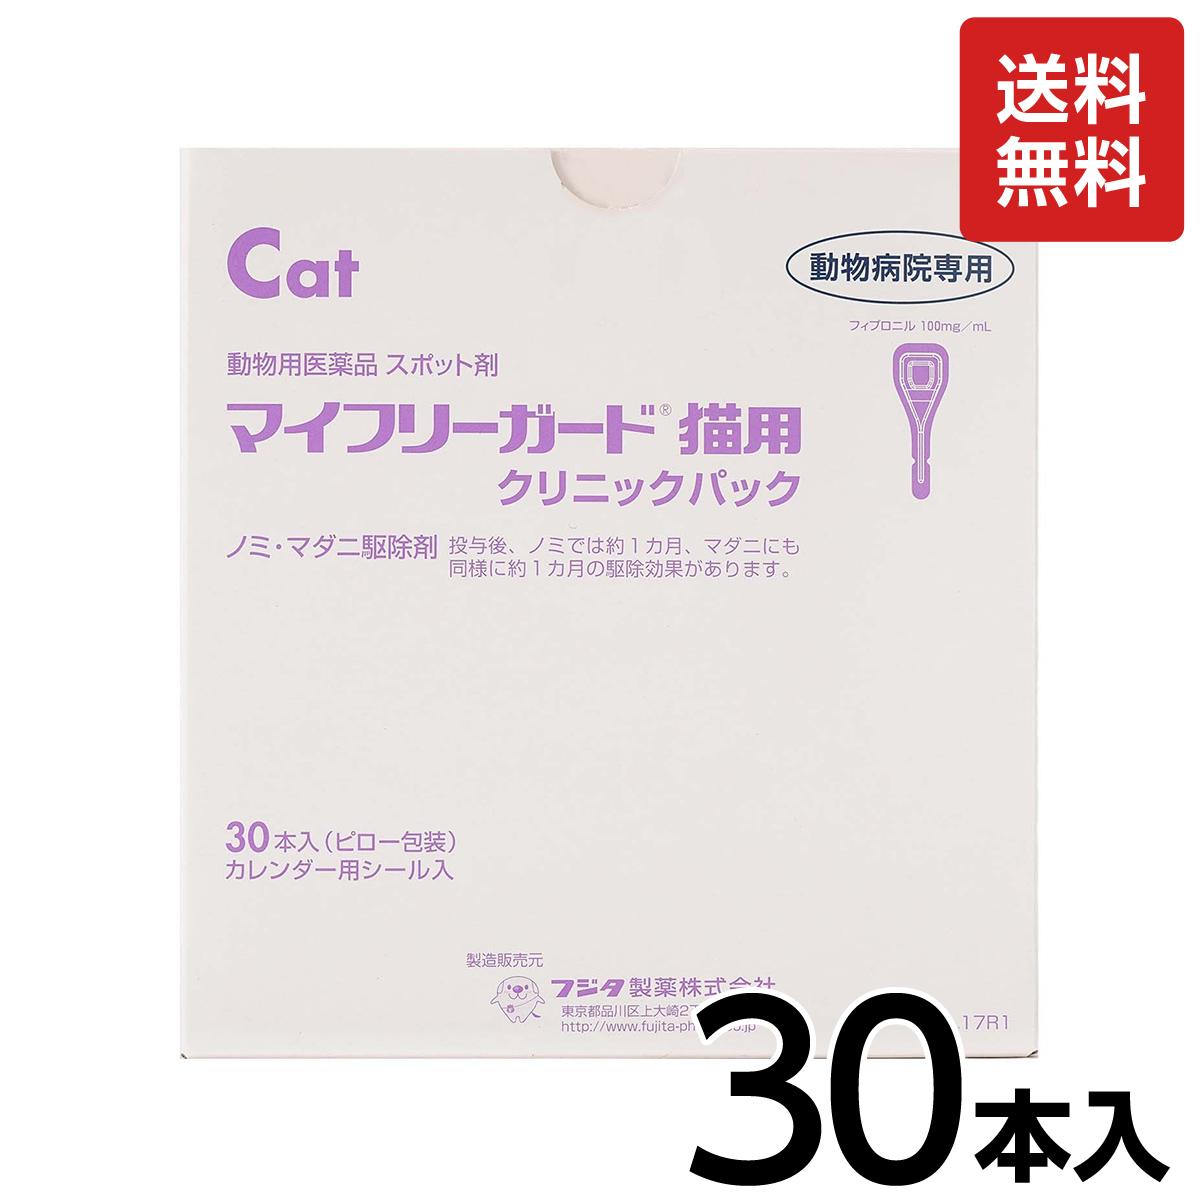 引出物 送料無料 マイフリーガード 動物用医薬品 数量は多 猫用1箱 ノミ クリニックパック マダニ対策 30本入